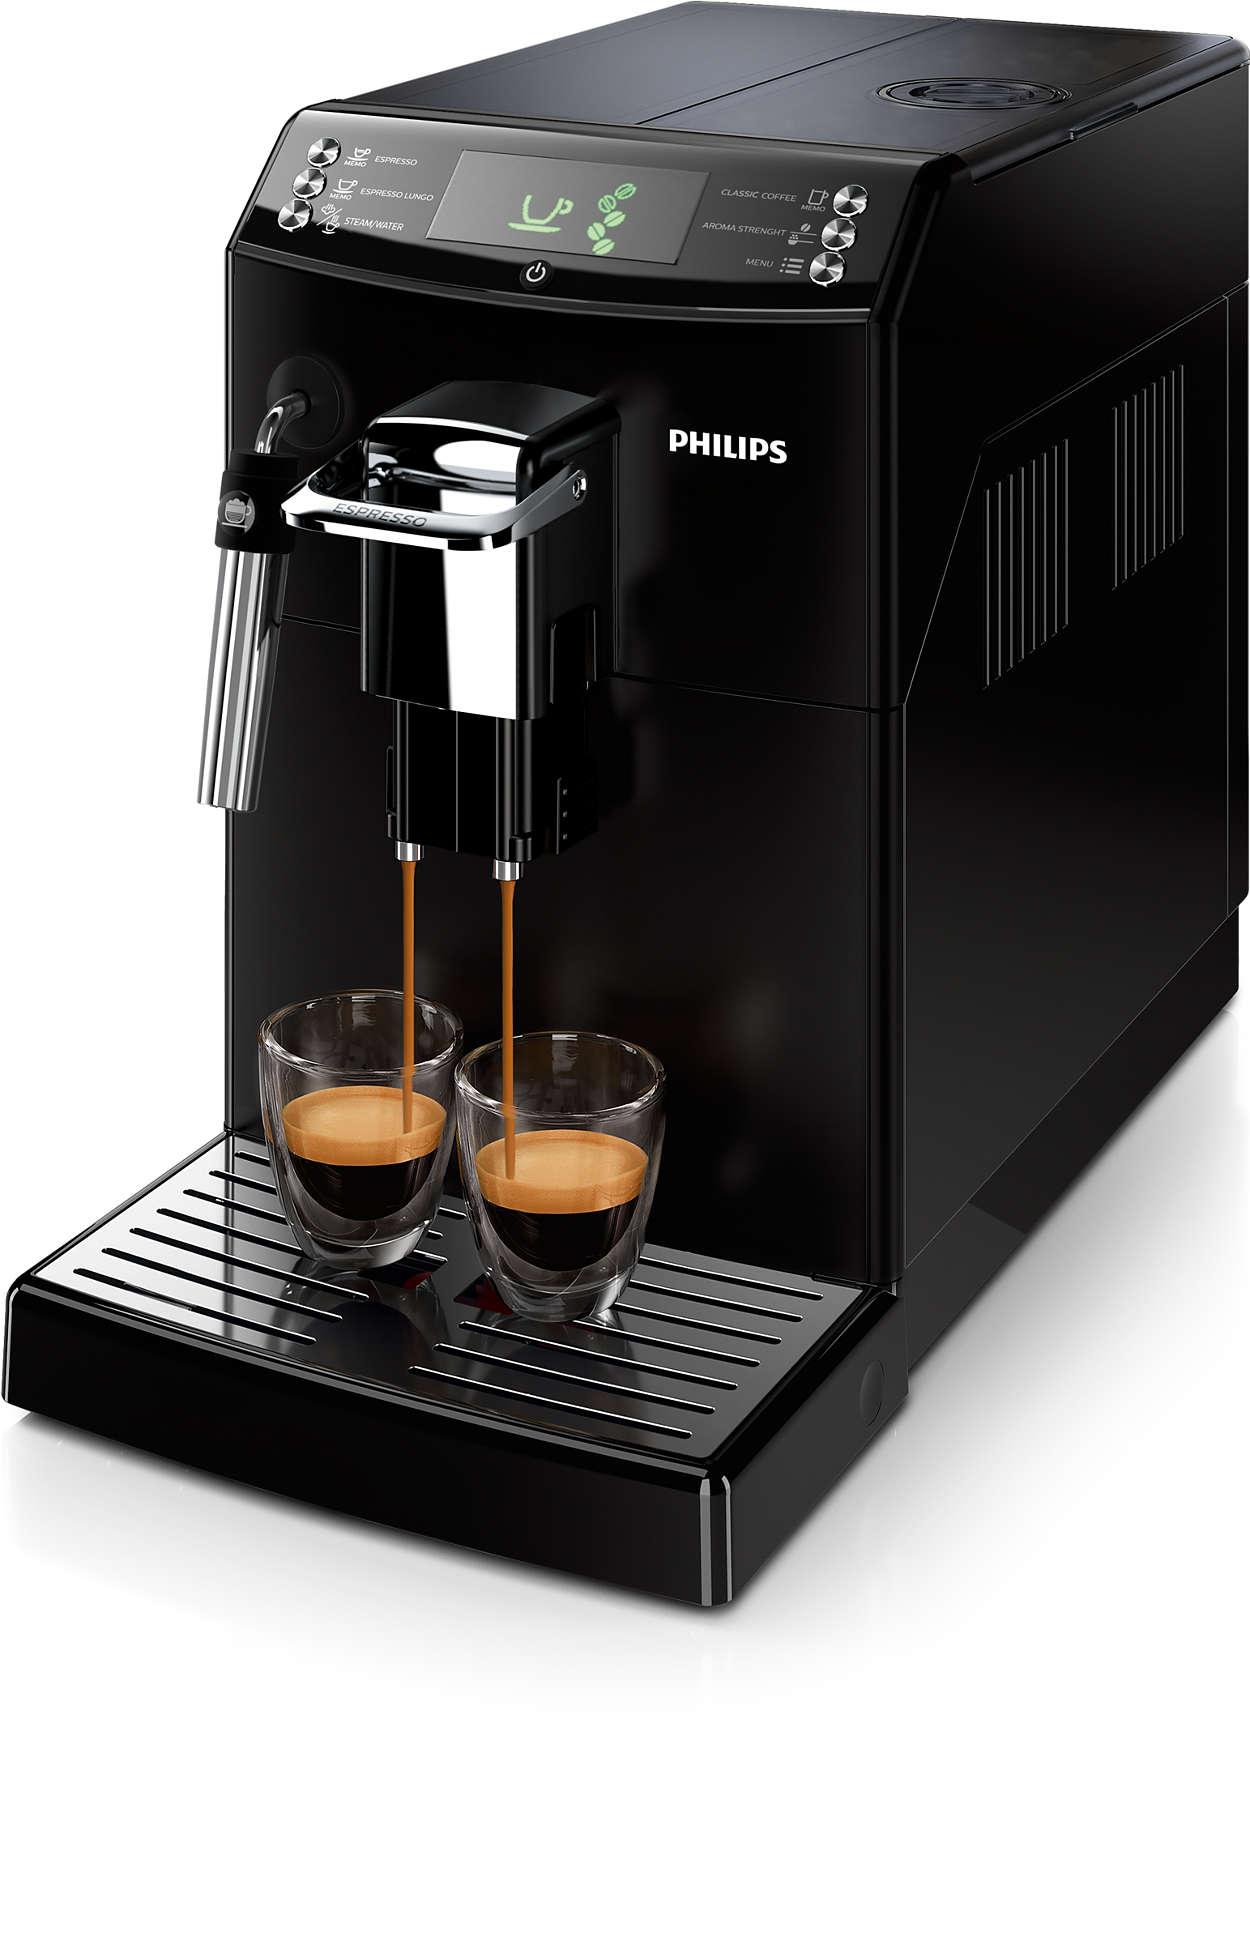 Un gran espresso con el auténtico sabor del café de filtro